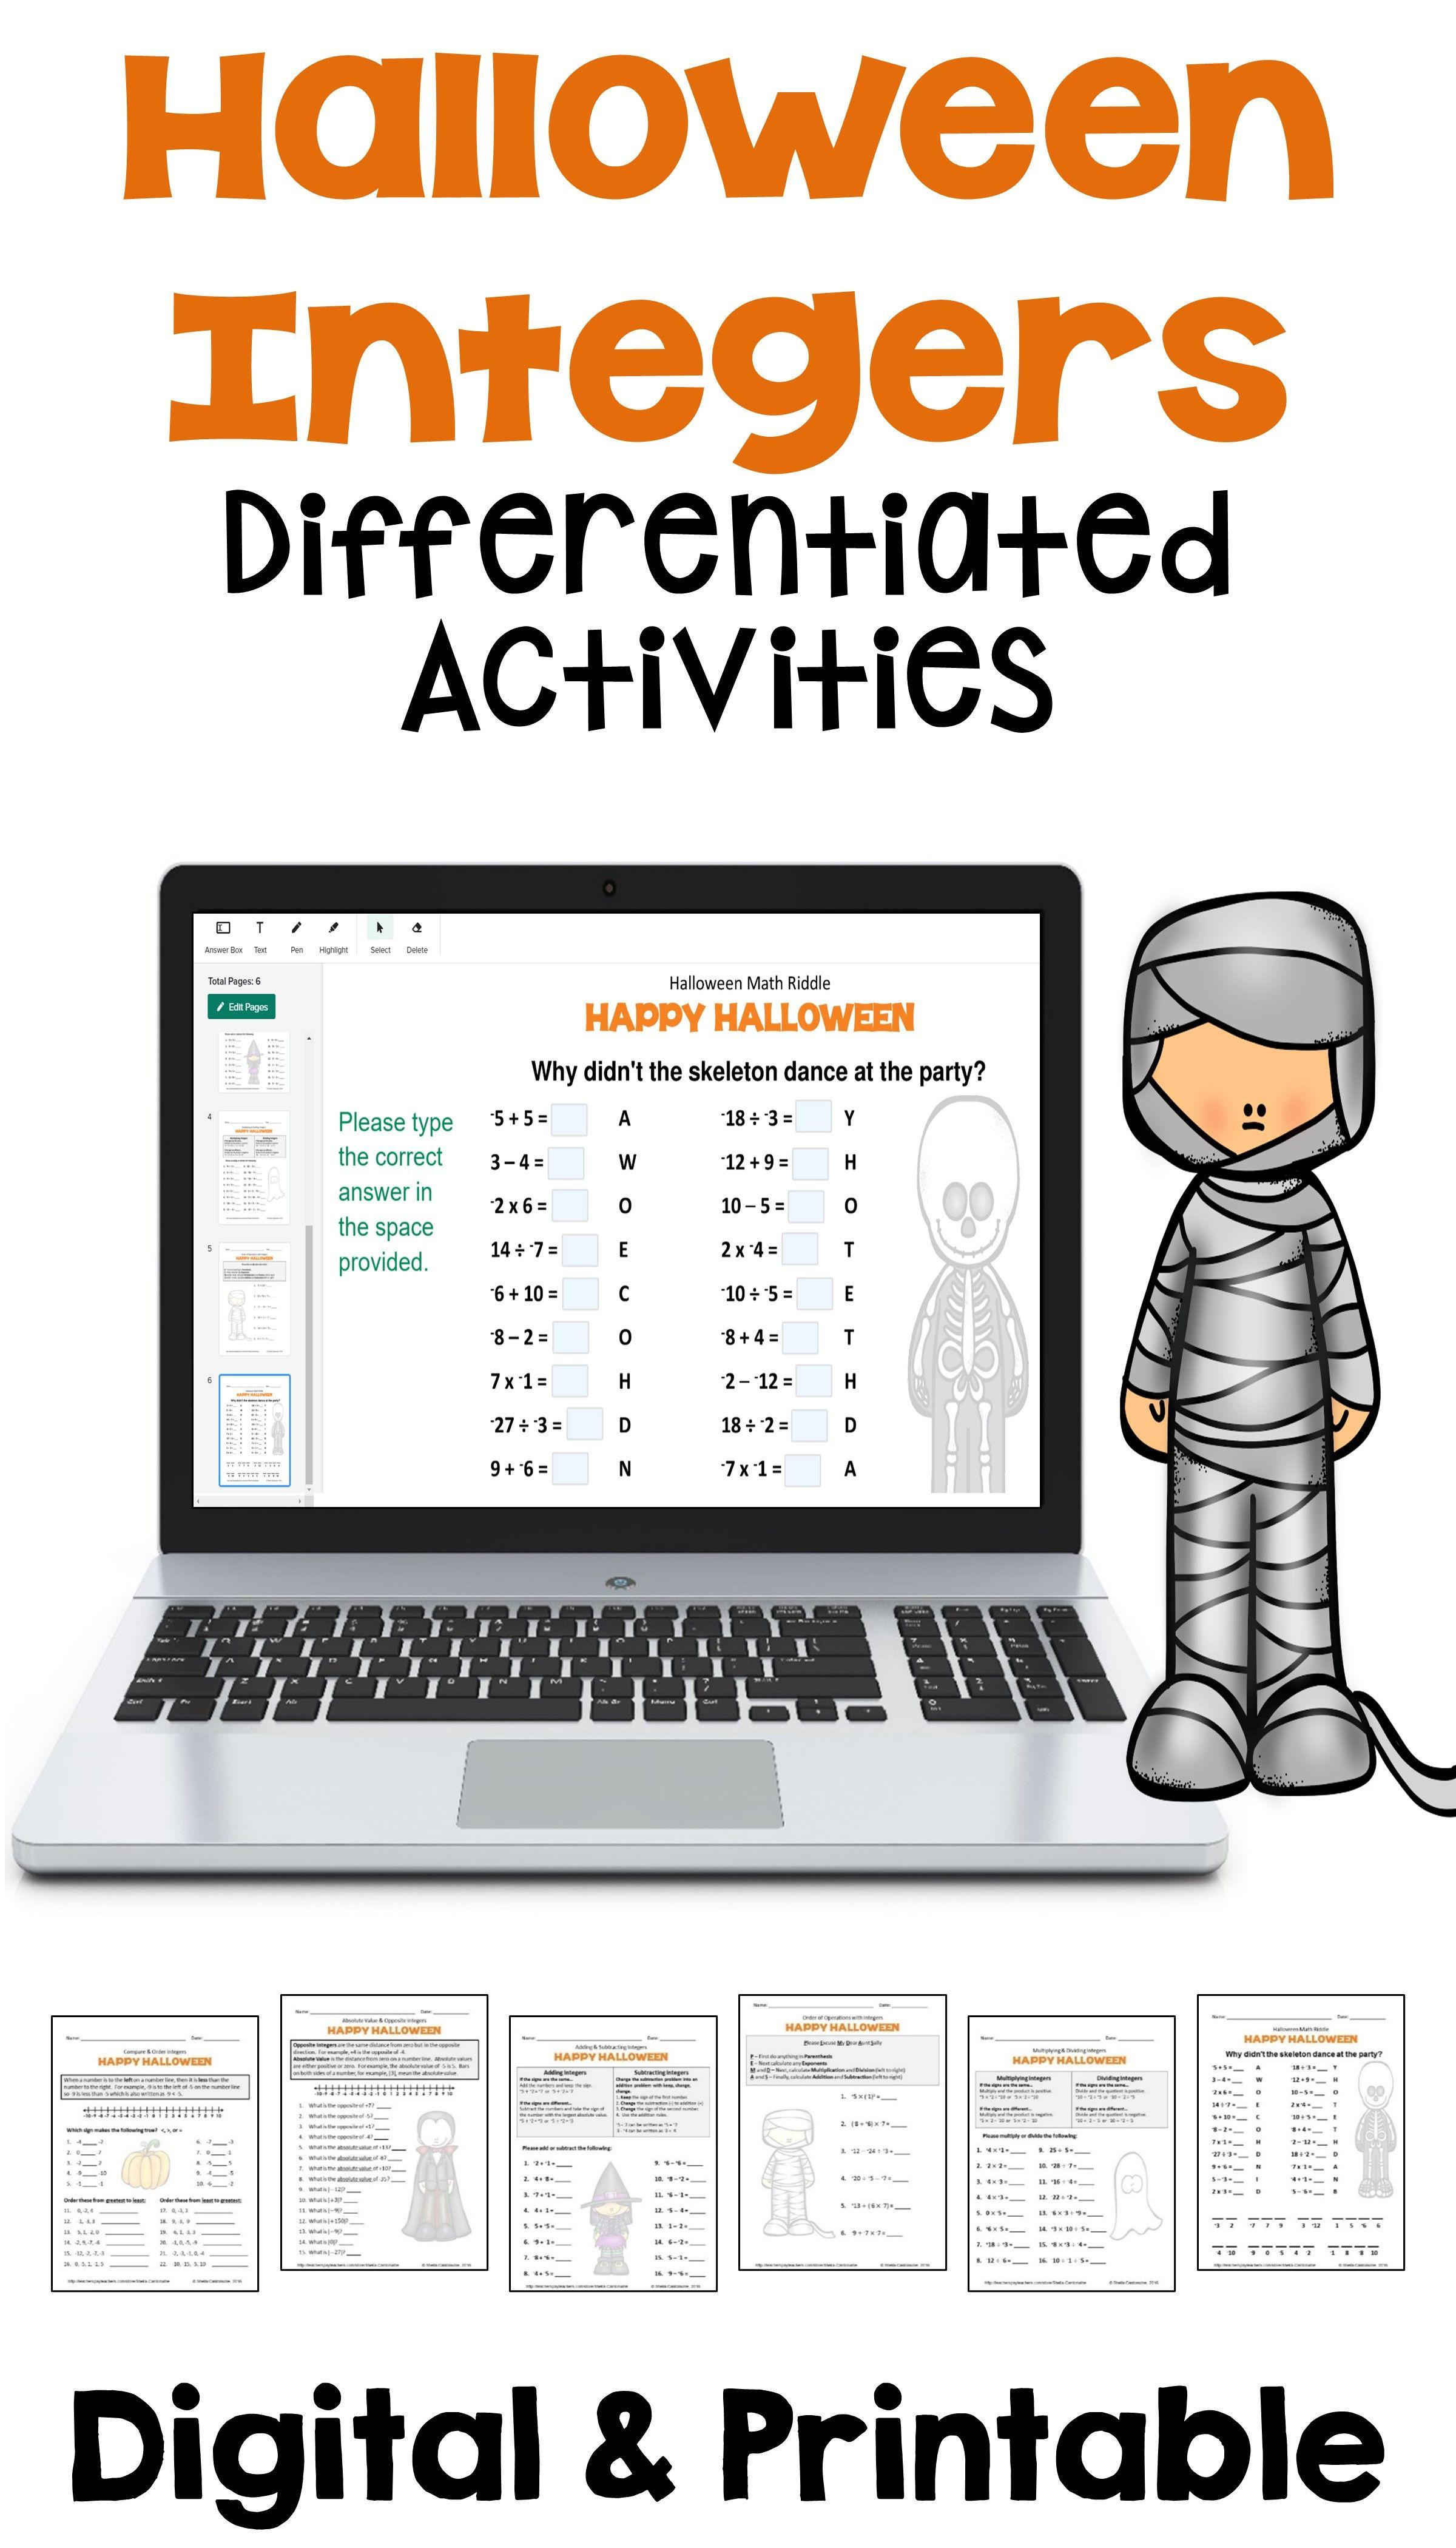 Halloween Integers Differentiated Activities with Digital